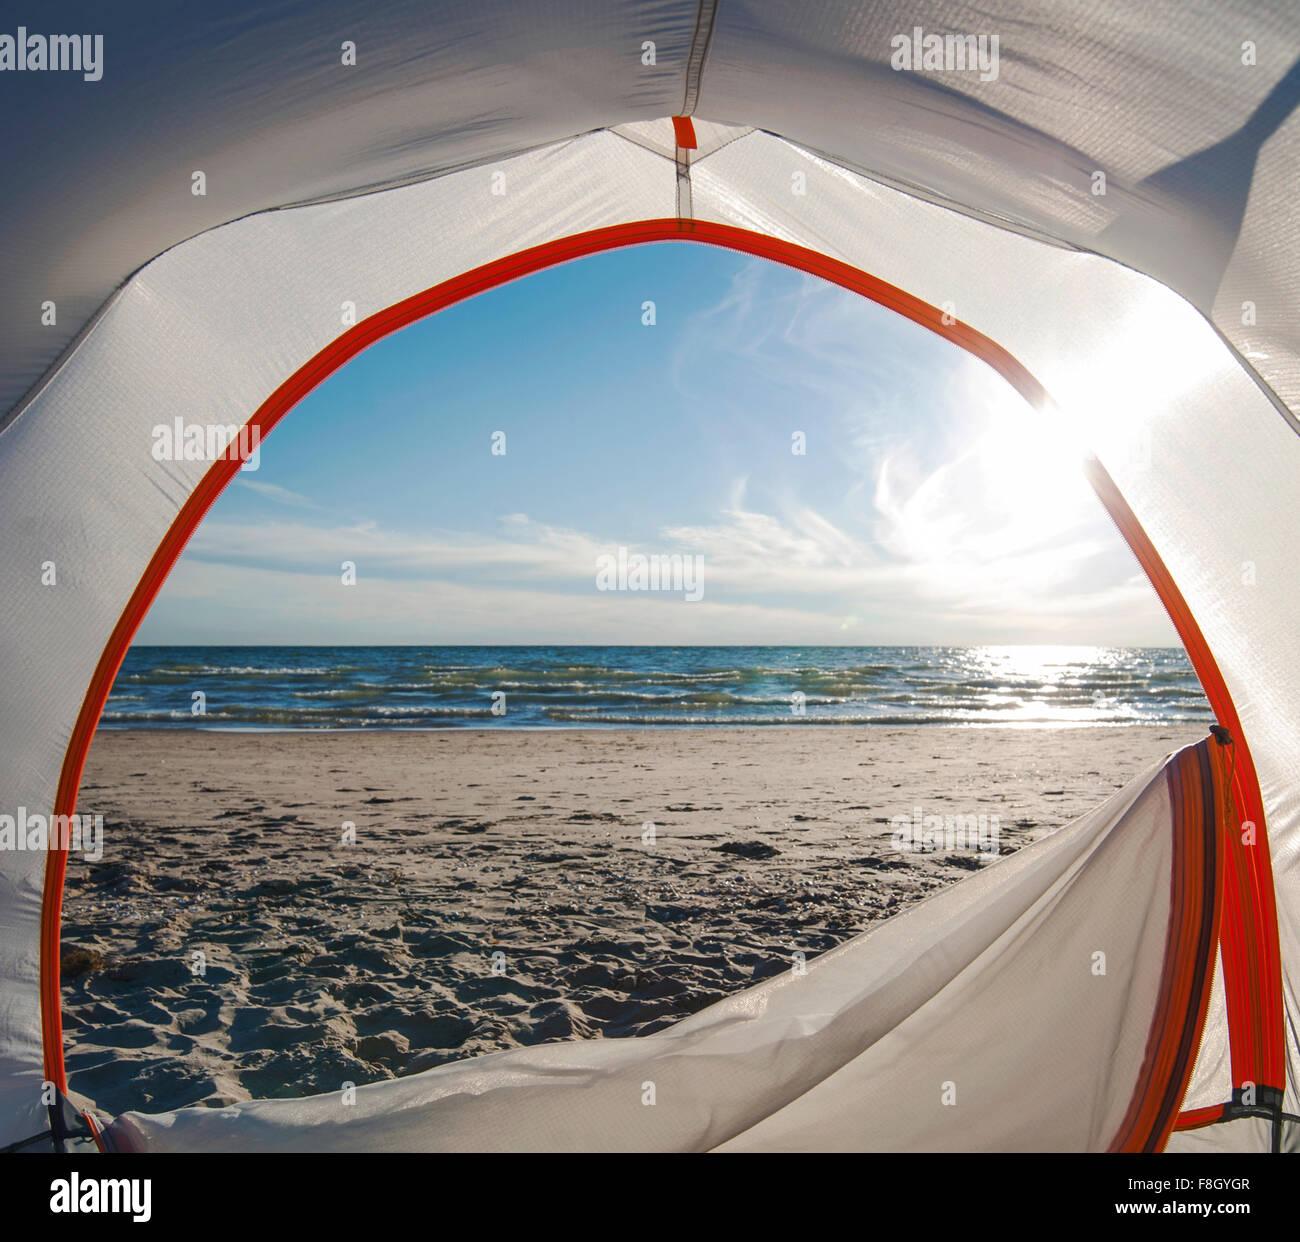 Porte ouverte tente de camping sur la plage Photo Stock